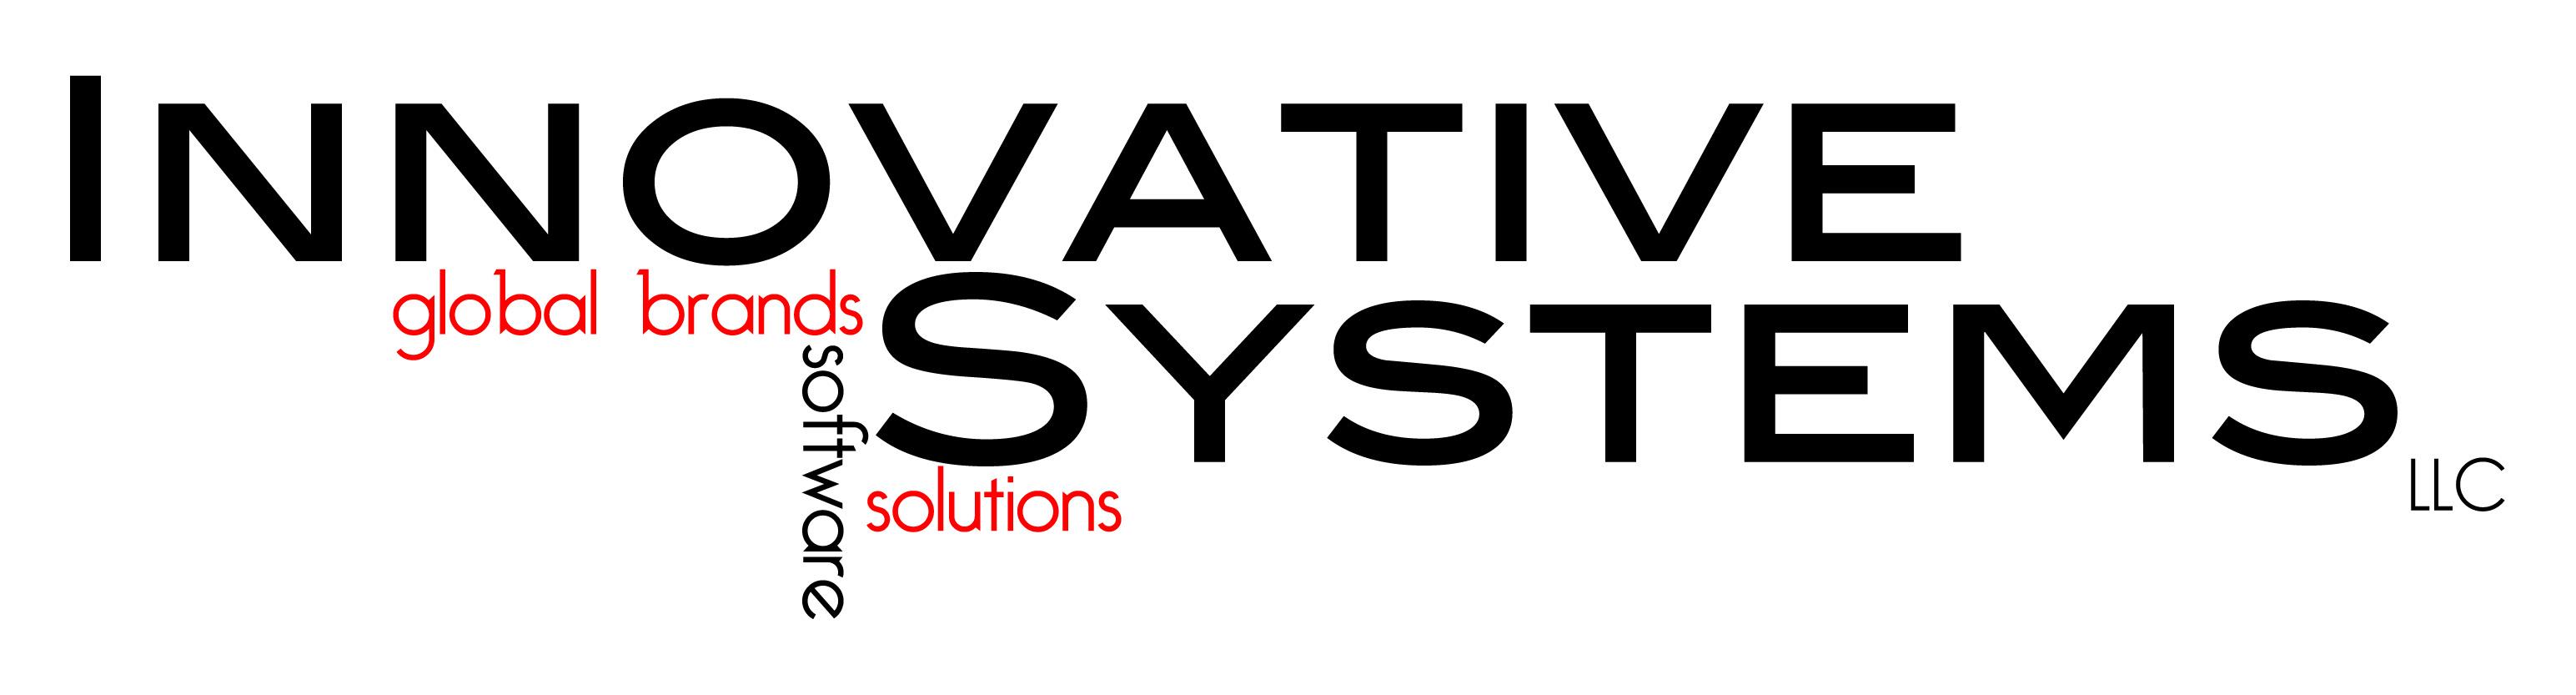 Innovative Systems logo